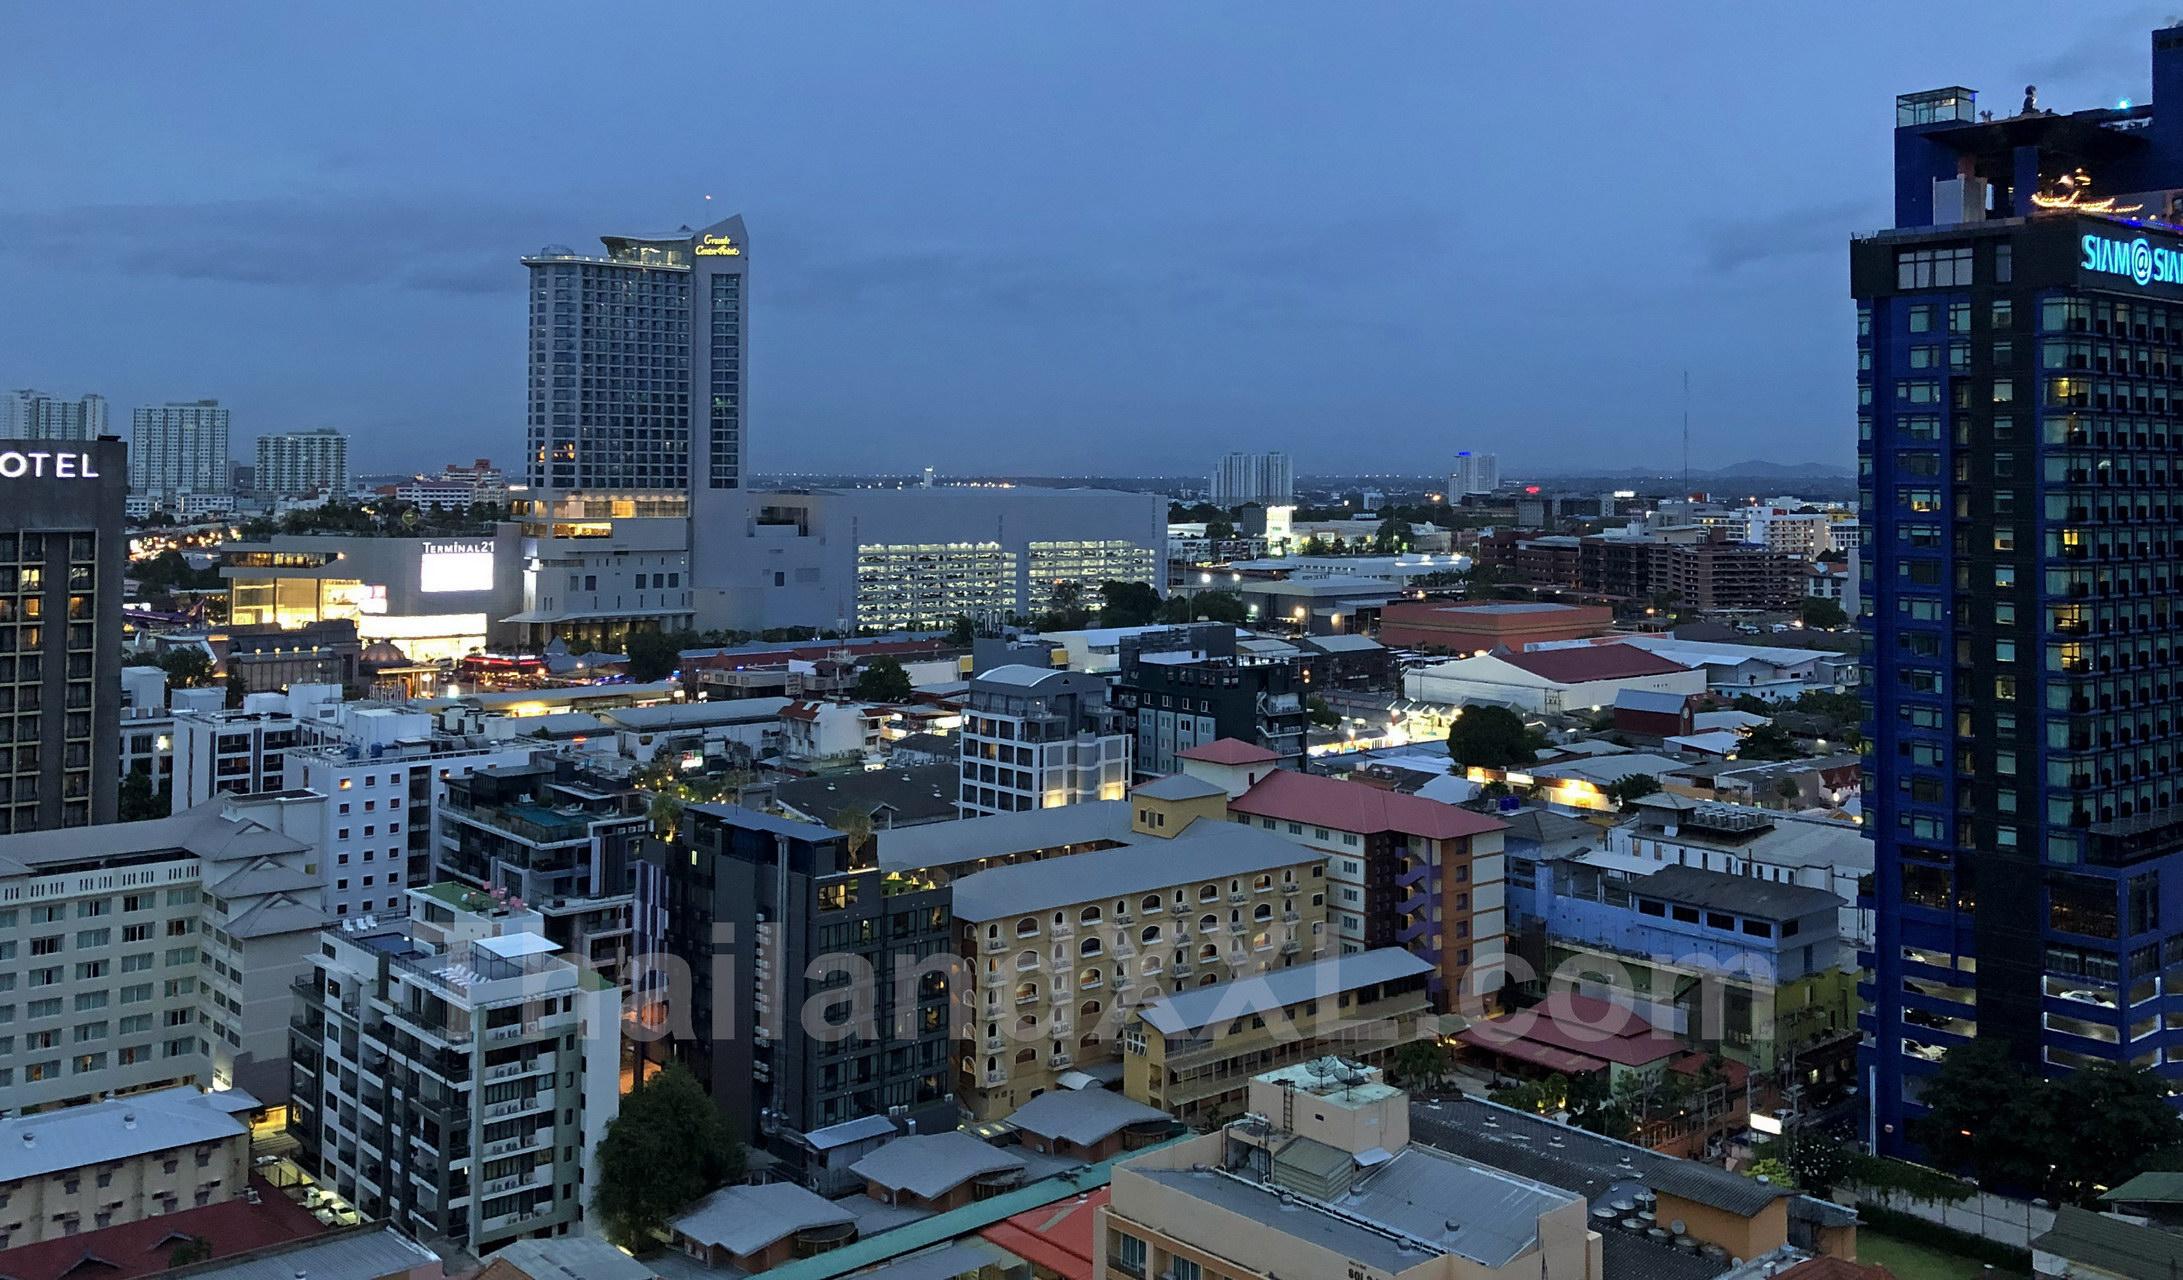 Vom Pippa Restaurant Pattaya - MYTT Hotel - nach Nordosten fotografiert, in der Mitte sieht man das Terminal 21, rechts das Siam@siam